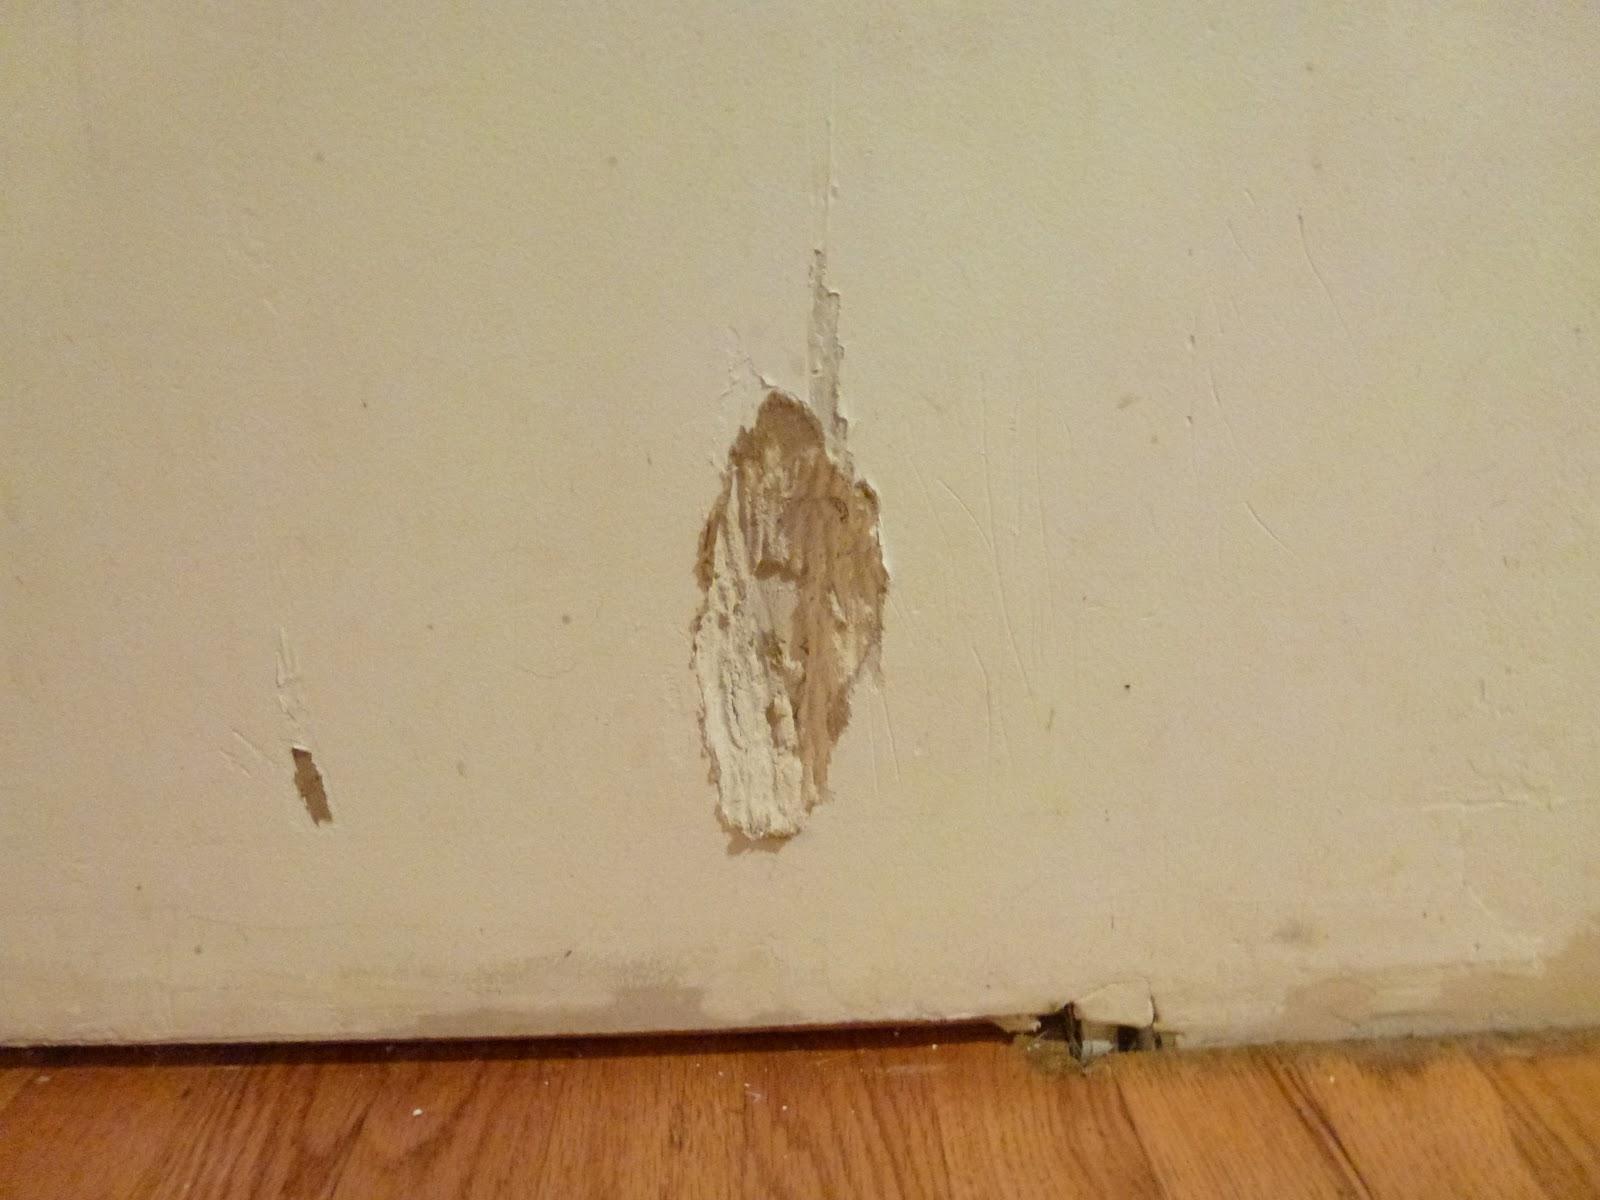 Drywall Repair Drywall Repair After Removing Wallpaper Is Primer 1600x1200